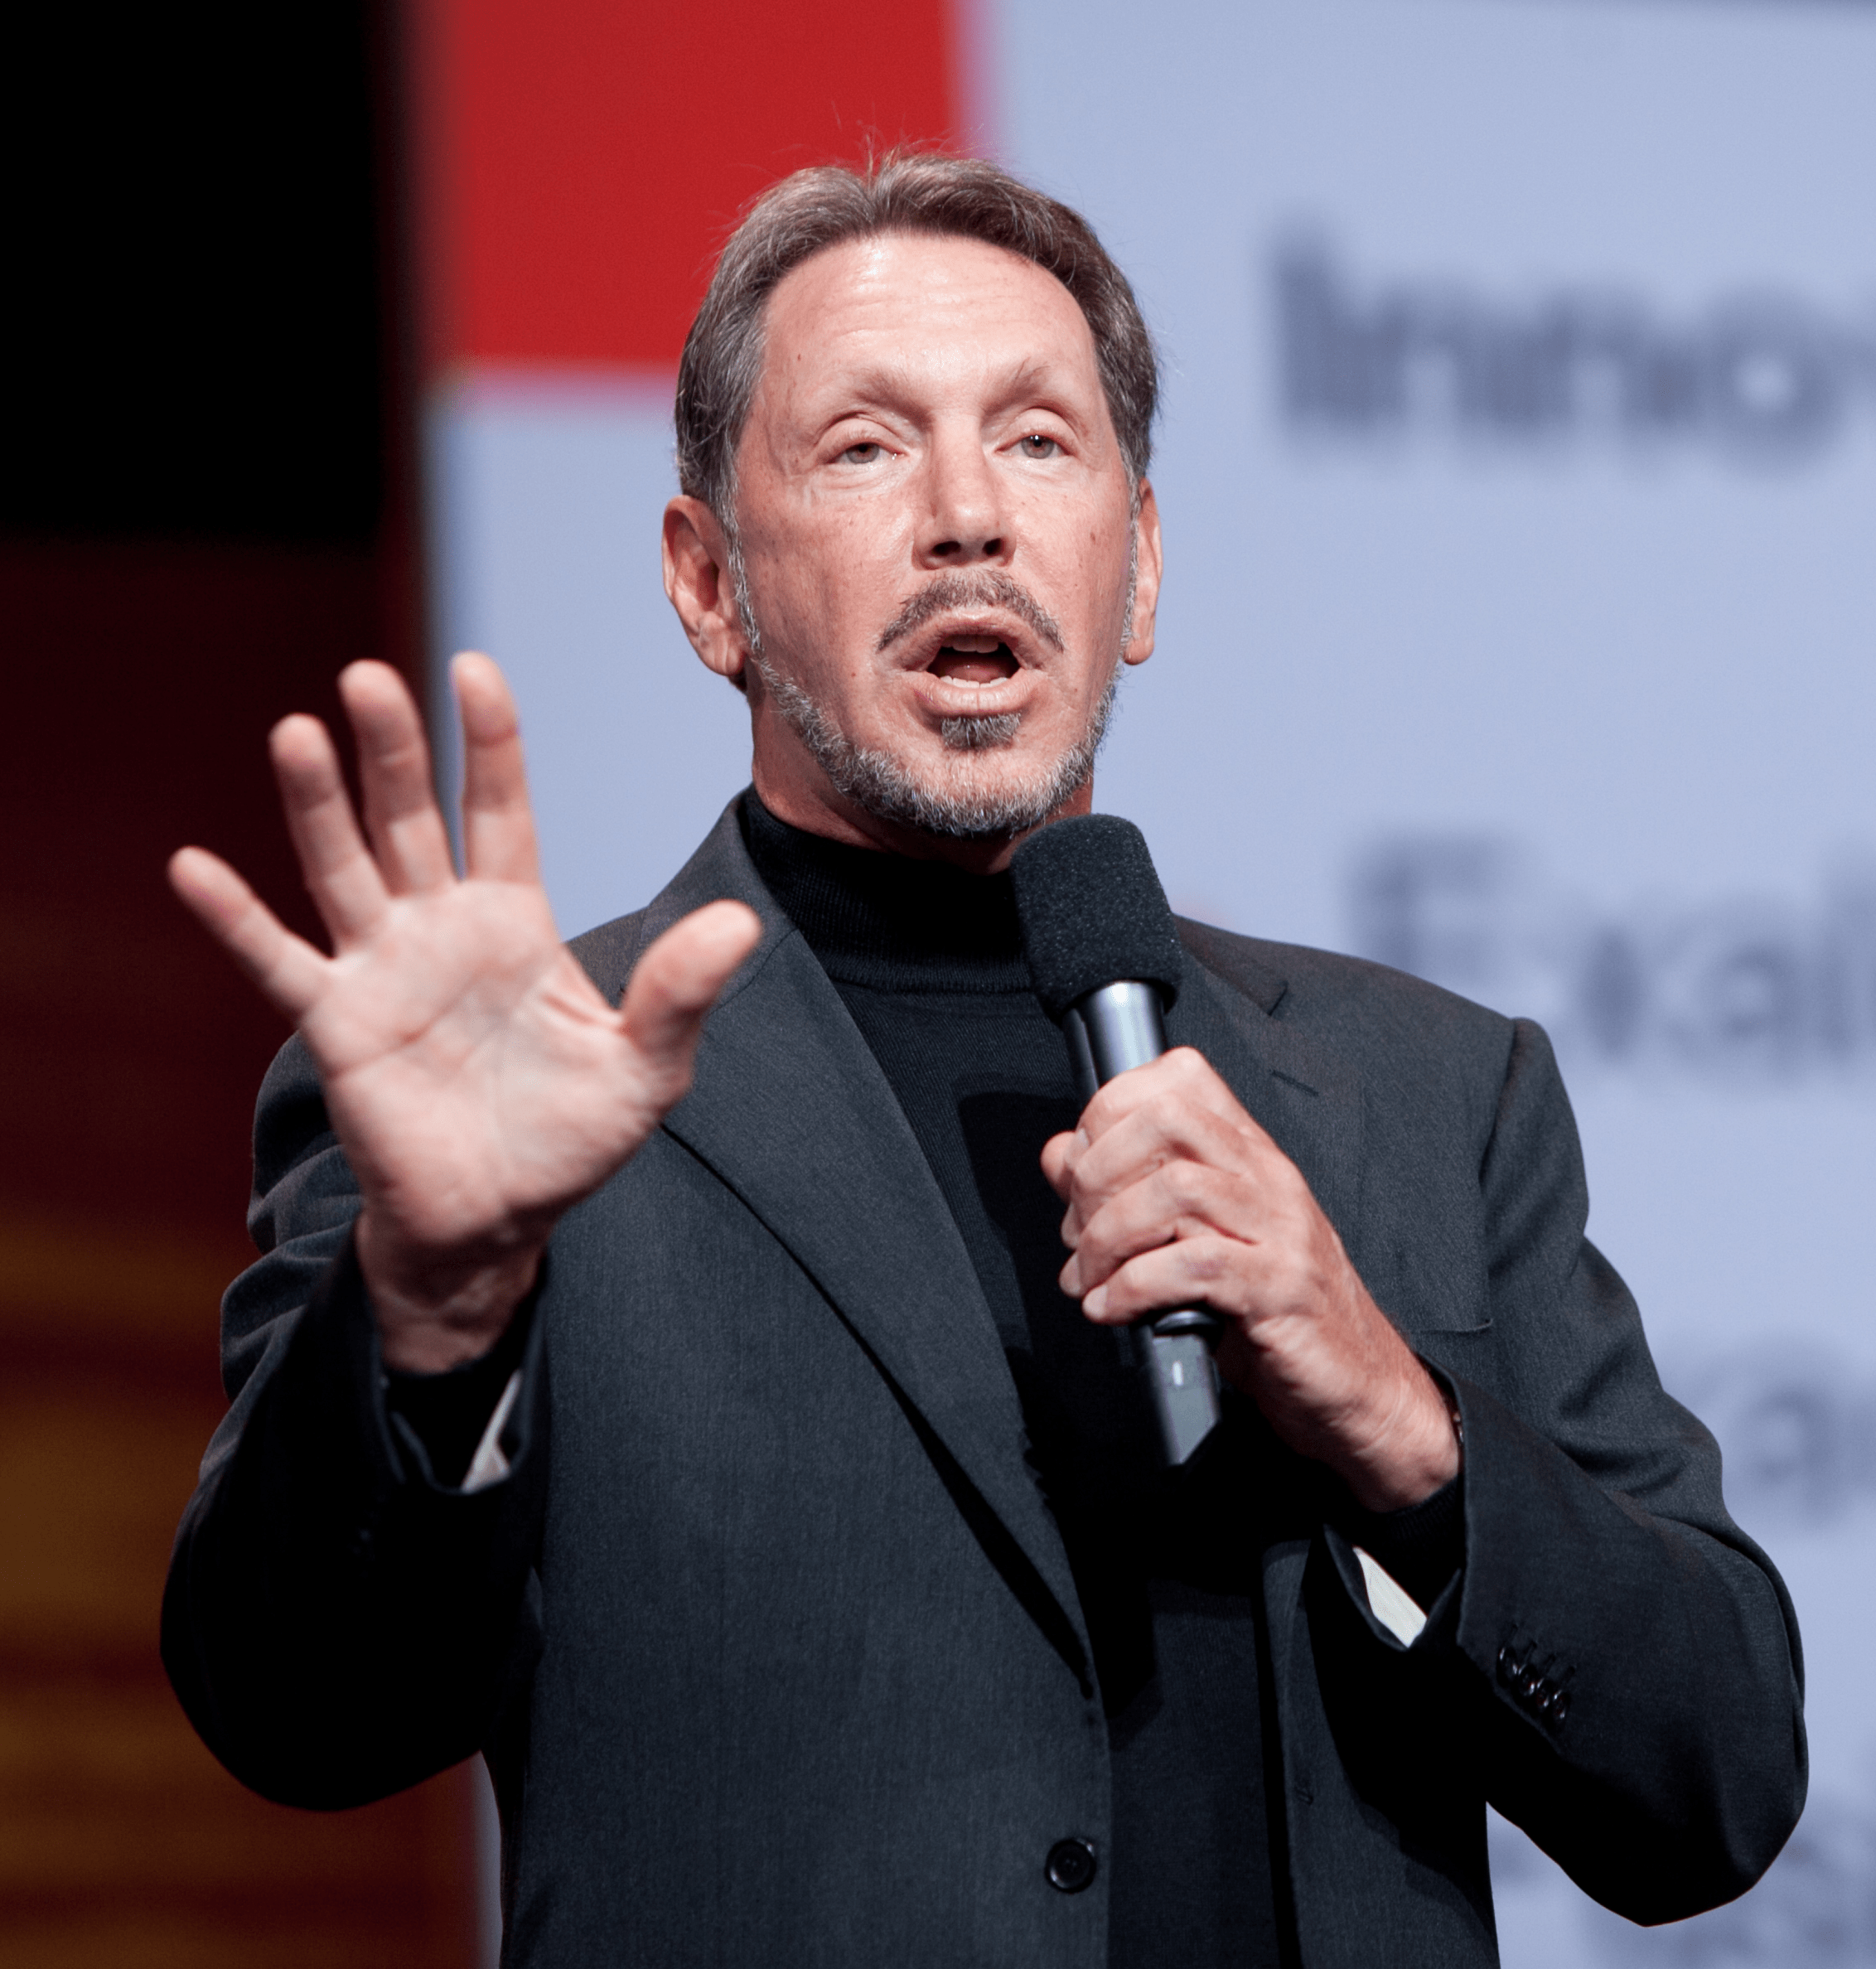 Larry Ellison, Oracle